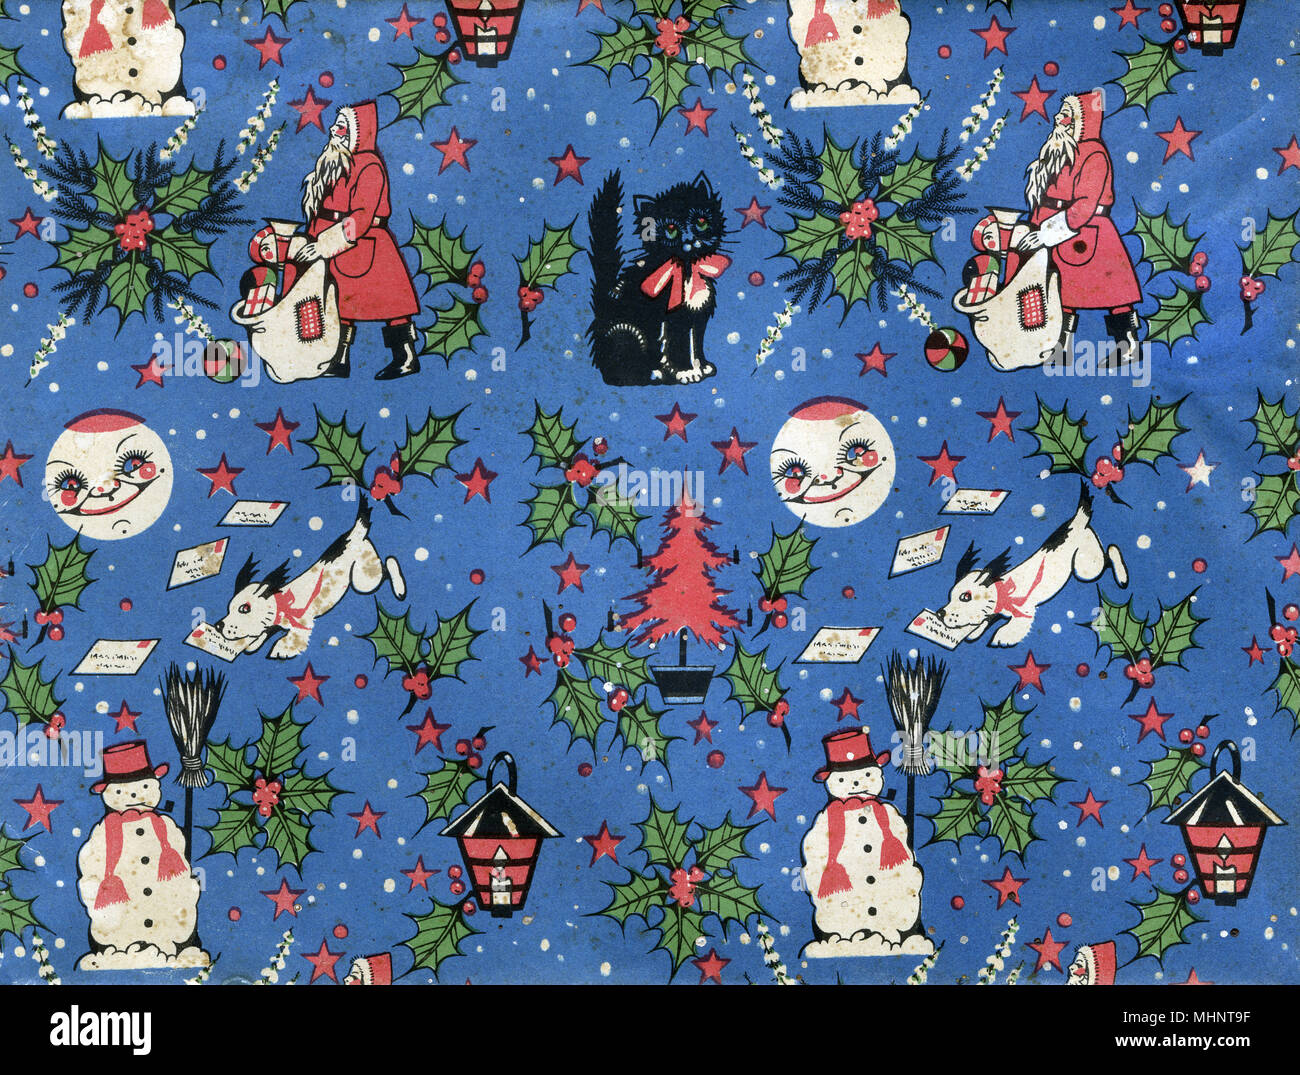 Vintage Retro Weihnachten Geschenkpapier, sich wiederholendes Muster ...